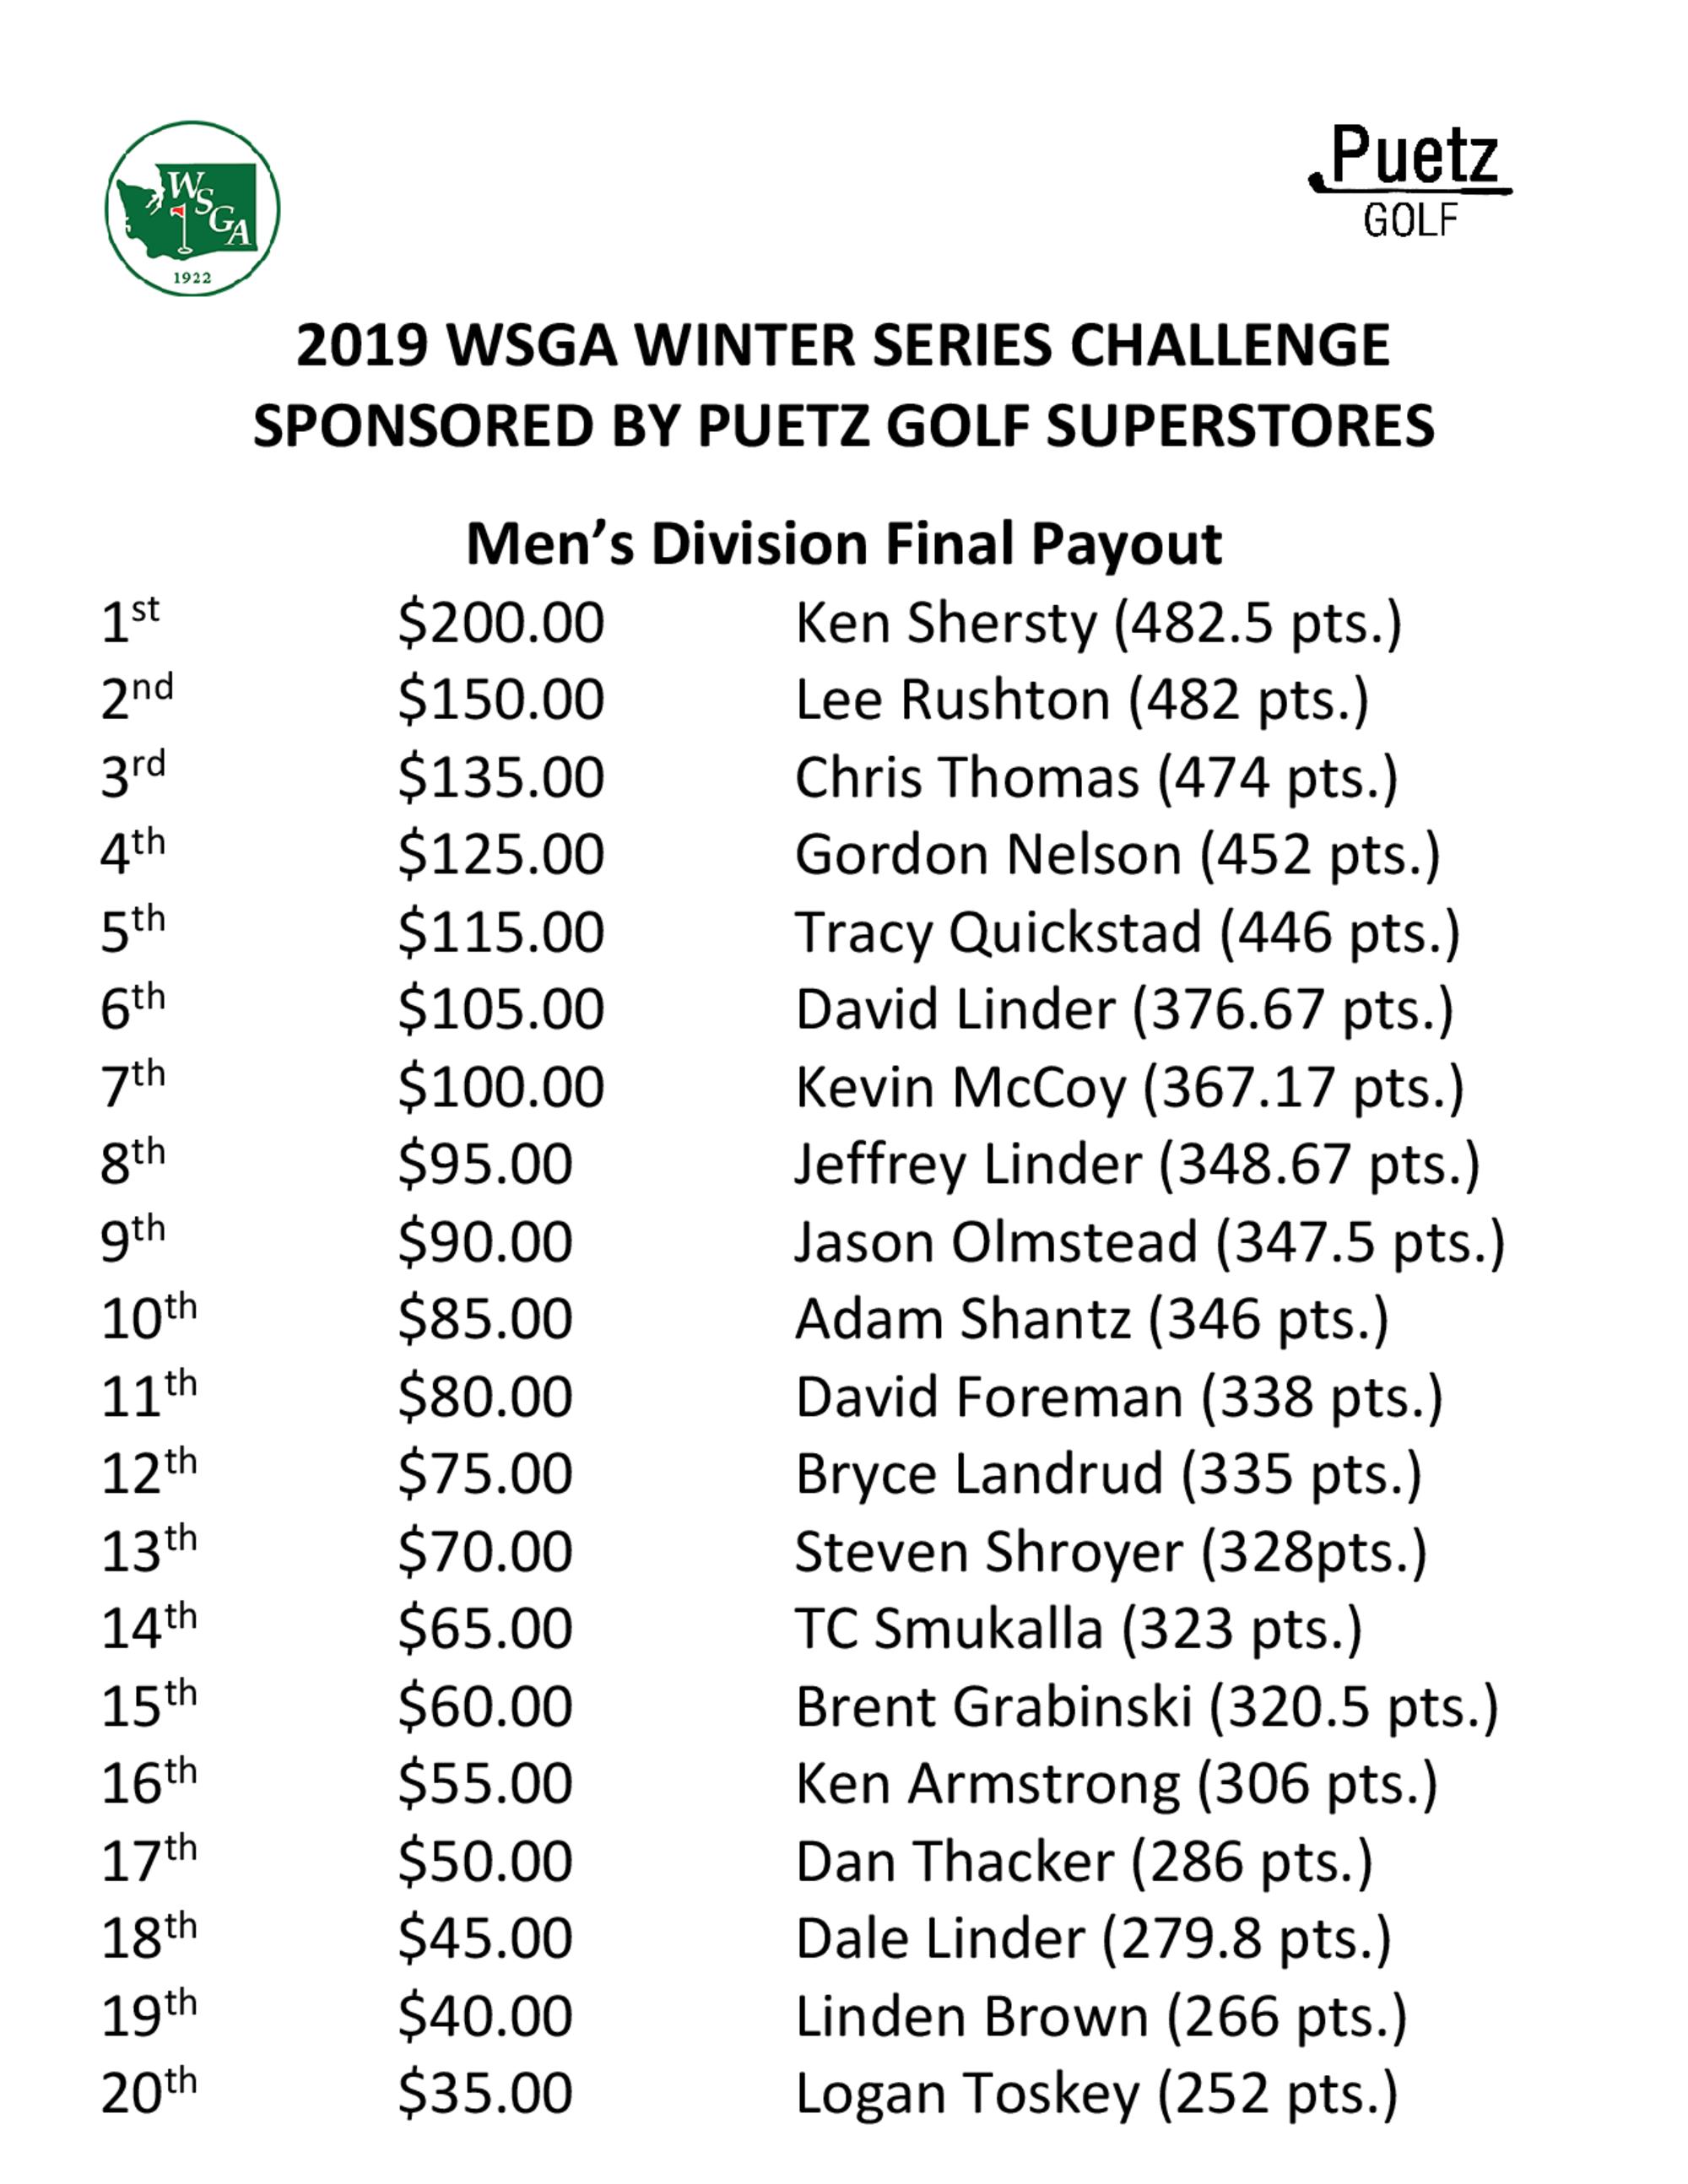 Winter series challenge   puetz golf payout 1